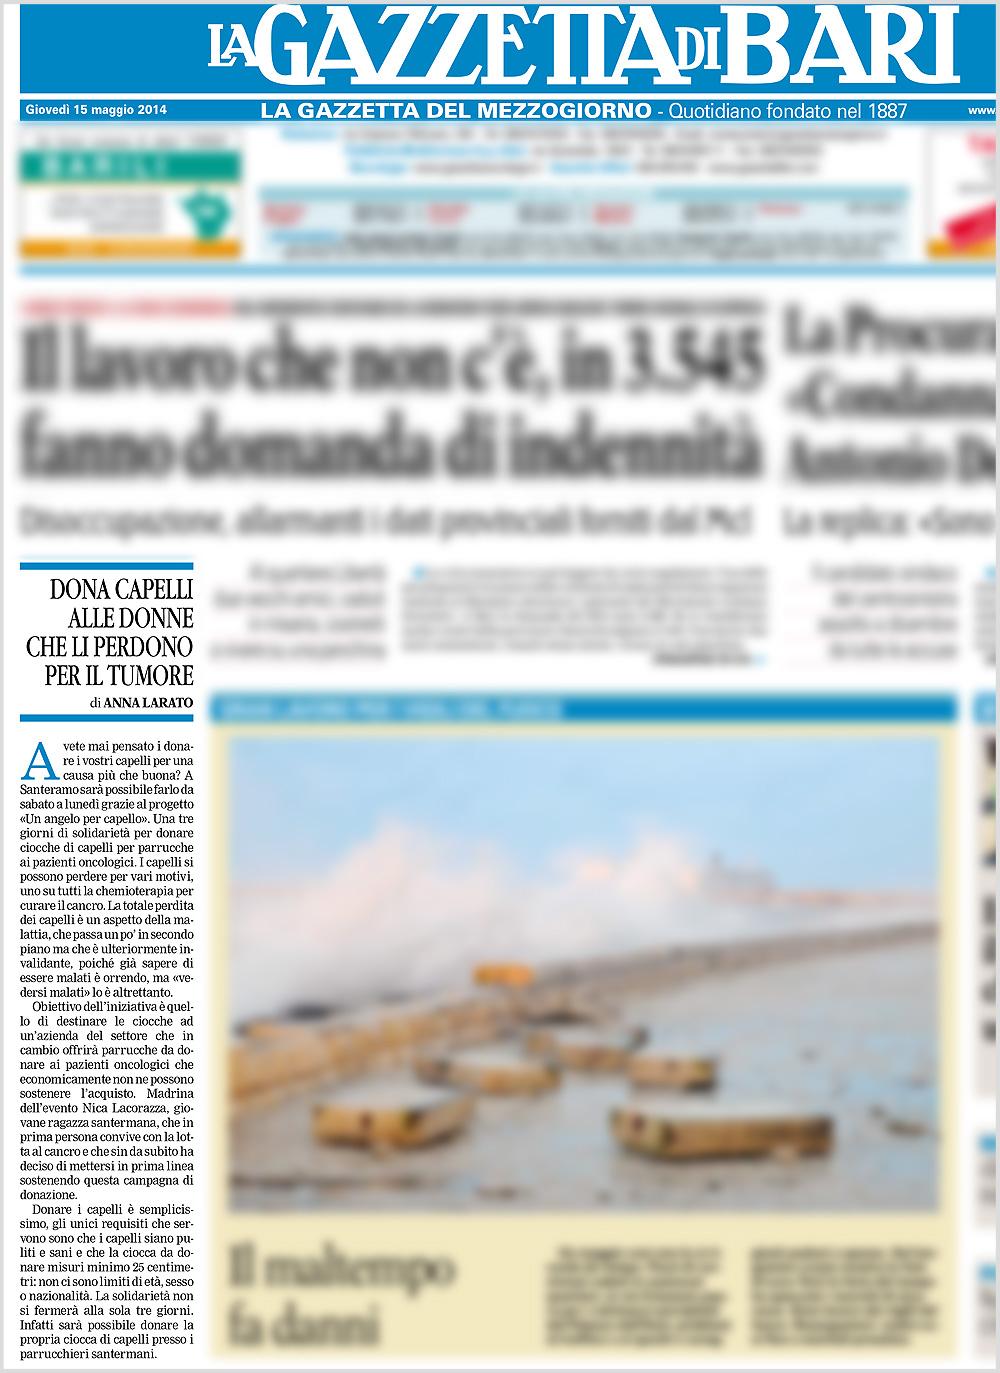 gazzedelmezzogiorno-articolo